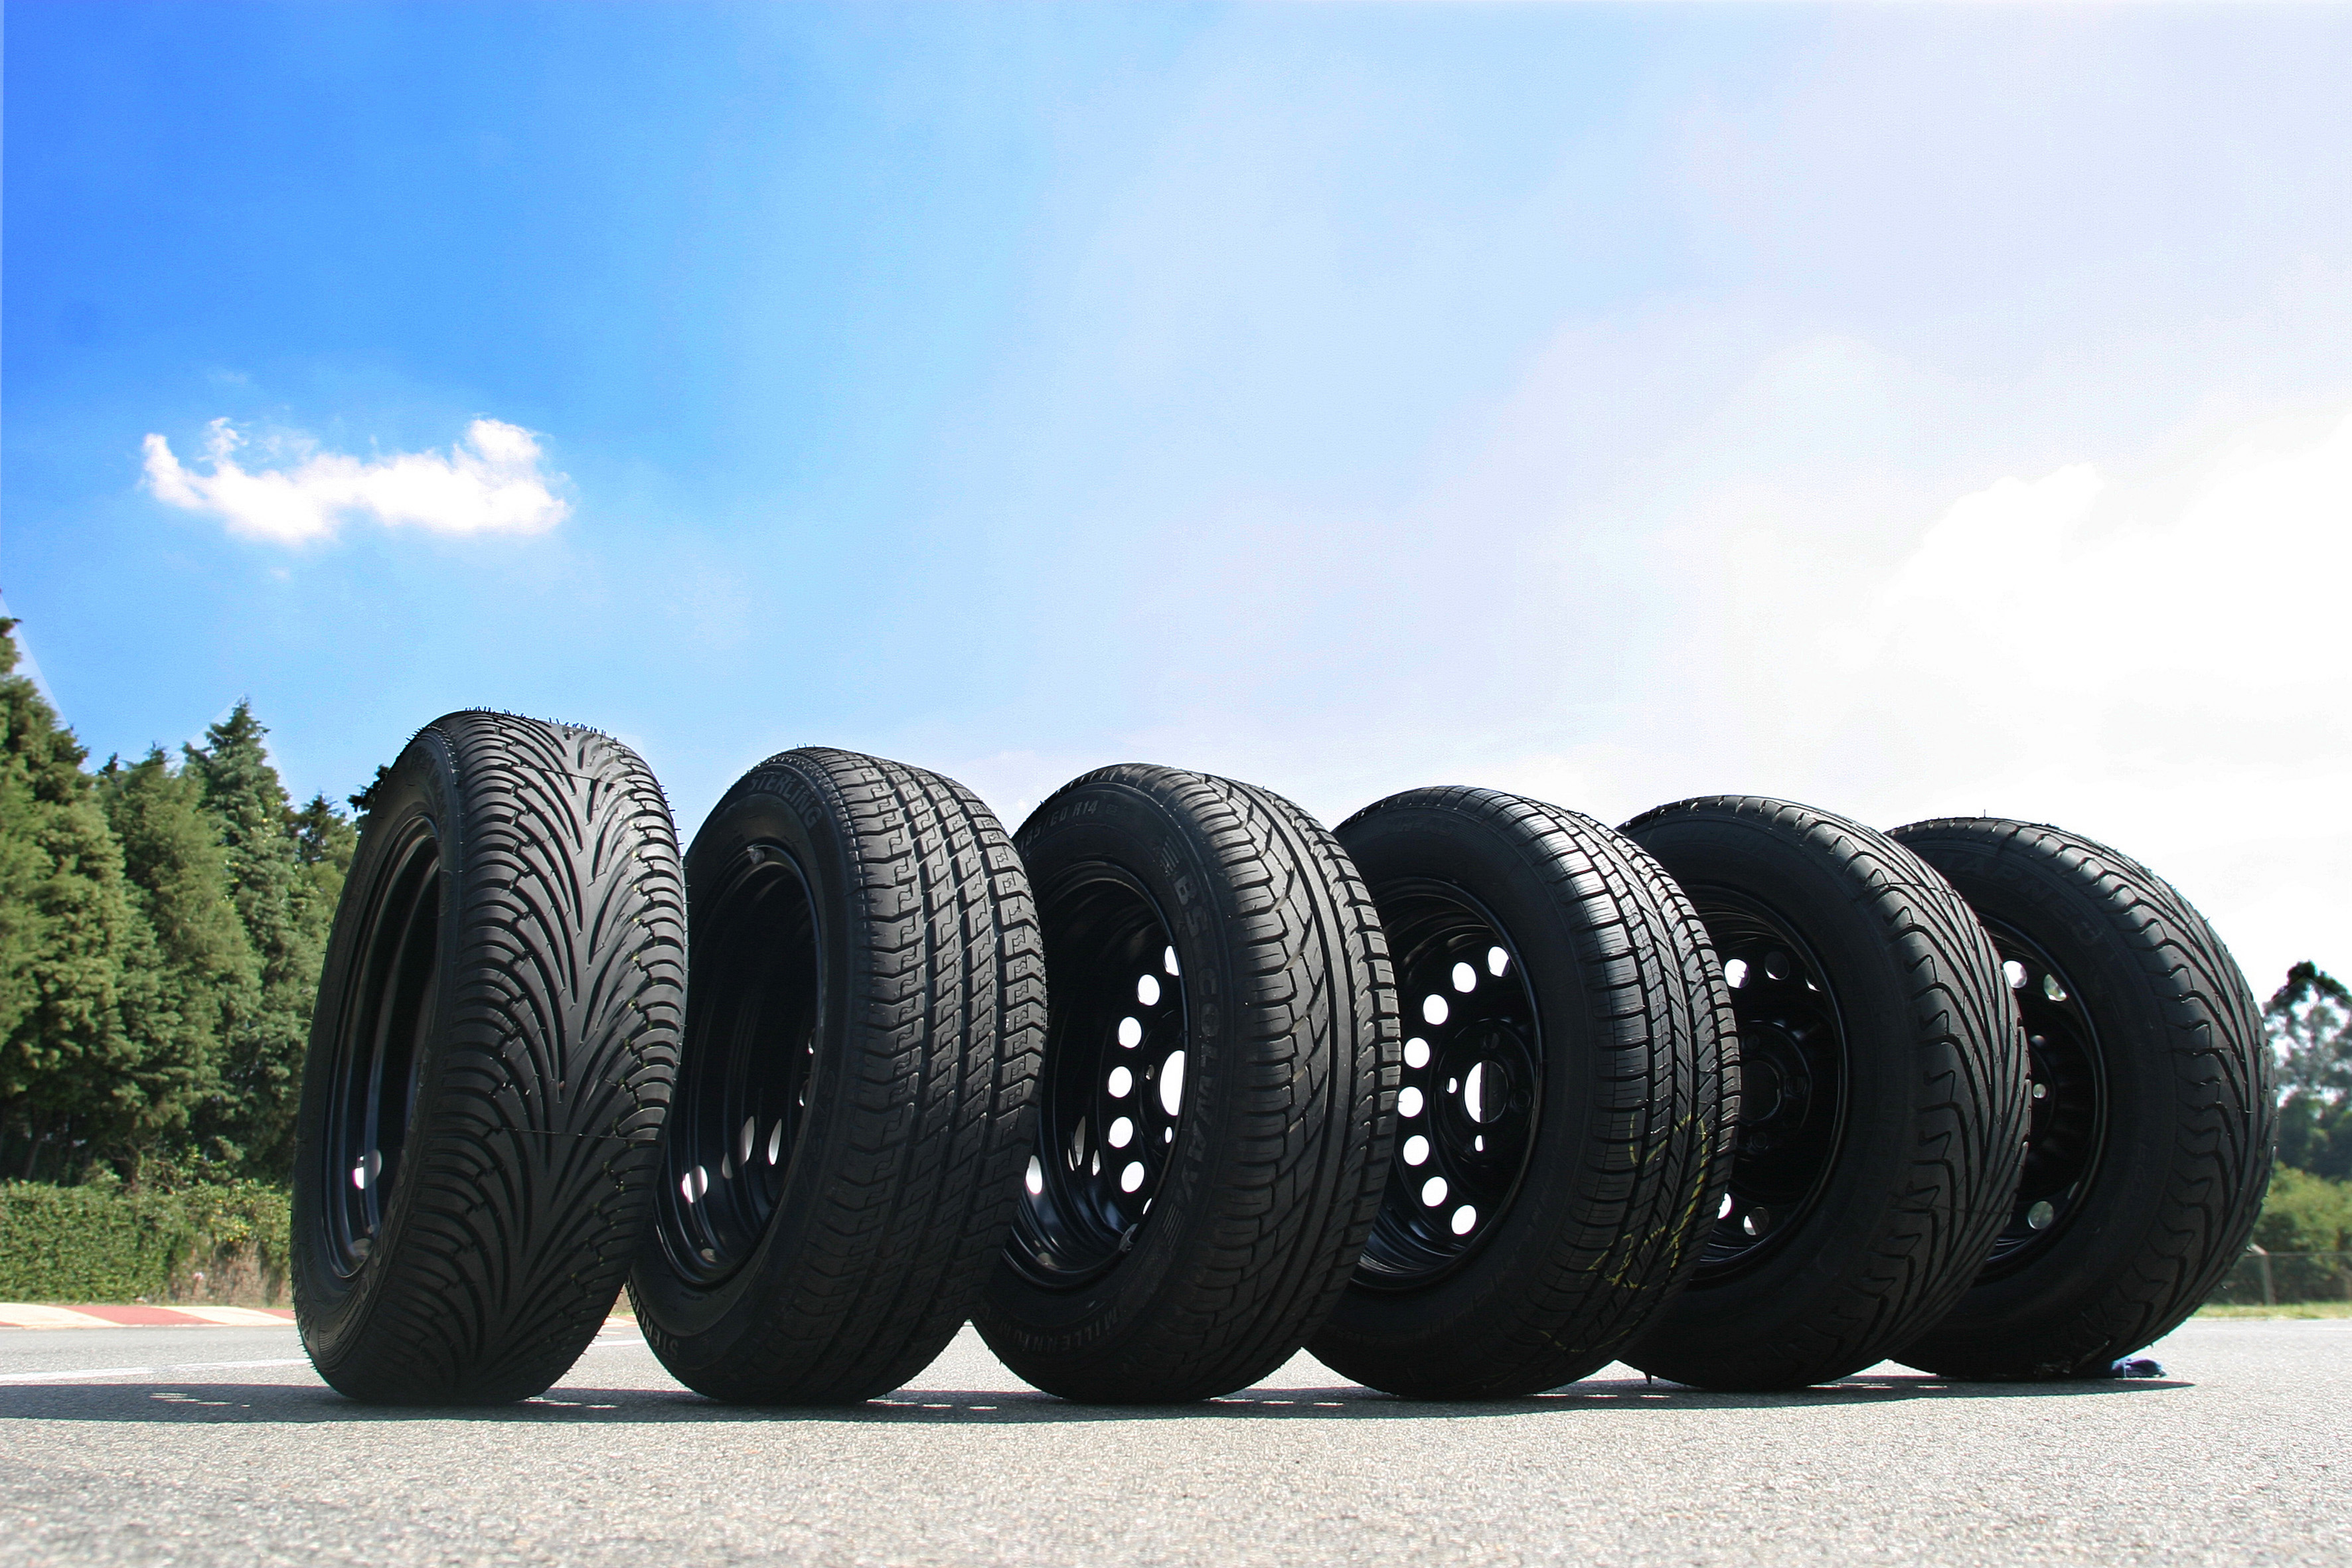 Tyrex Raptor Ecologic, Sterling ST-3A , BS Colway Millennium, Michelin novo e Pneuback M-5000 utilizados no teste comparativo de quatro marcas de pneus remold, pneu remanufaturado, e uma marca de pneu novo. O teste foi feito com um automovel Renault Clio 1.0 16V, no campo de provas da Pirelli pela revista Quatro Rodas, na cidade de Sumaré.